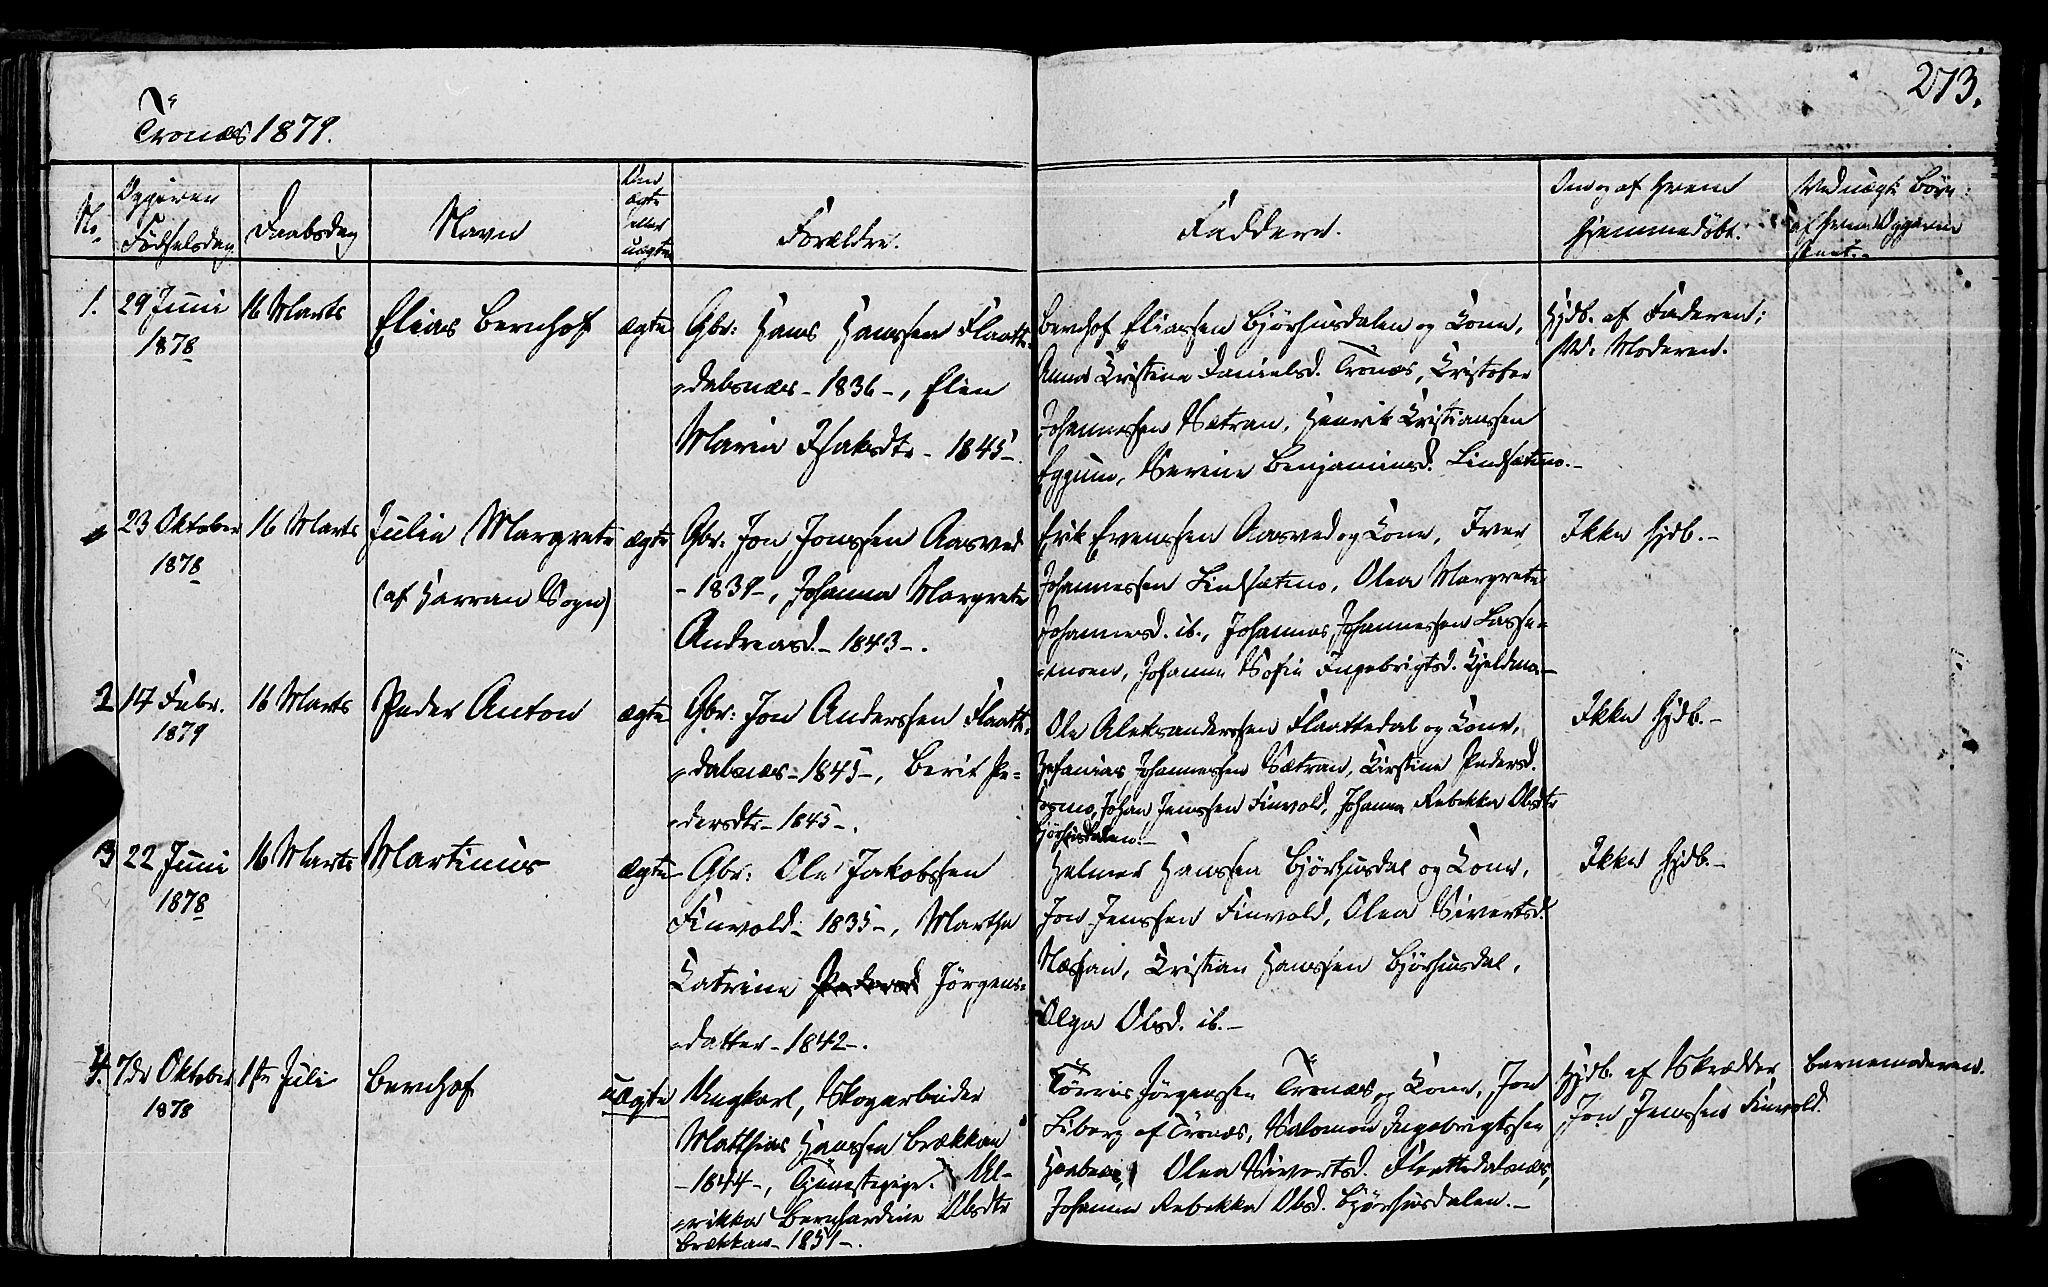 SAT, Ministerialprotokoller, klokkerbøker og fødselsregistre - Nord-Trøndelag, 762/L0538: Ministerialbok nr. 762A02 /2, 1833-1879, s. 273